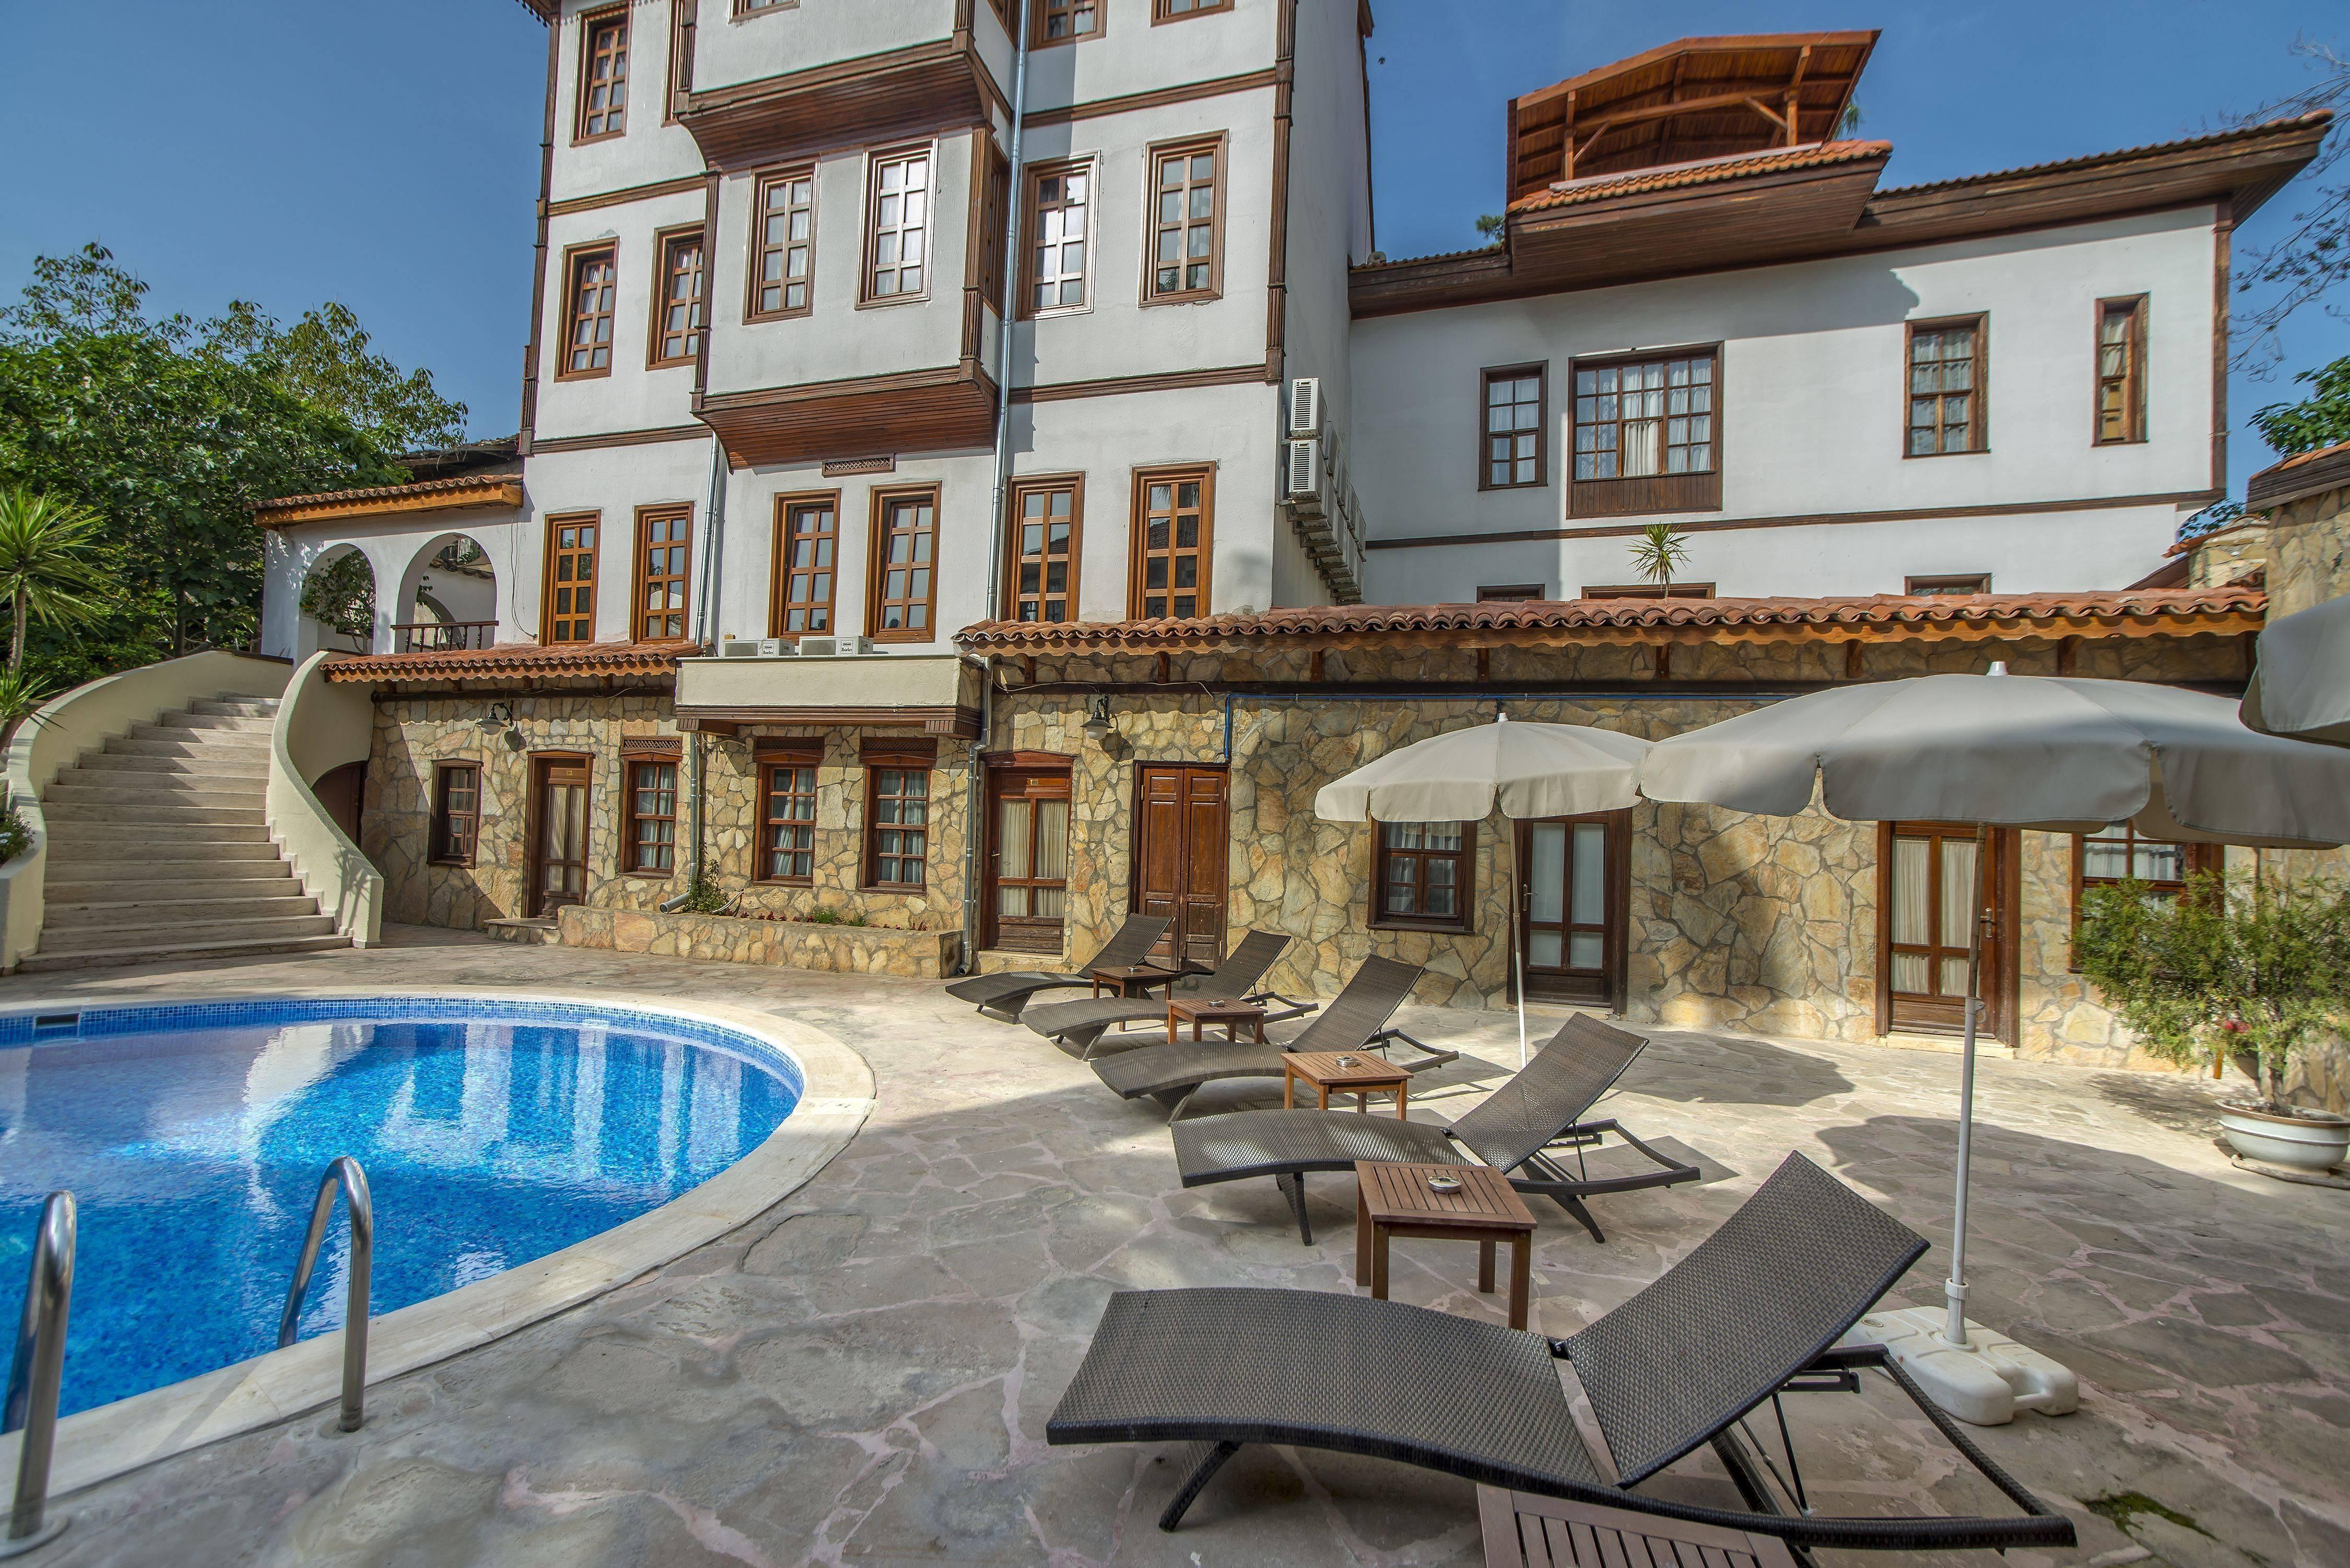 Argos Otel, Antalya, Antalya Merkez, 23003